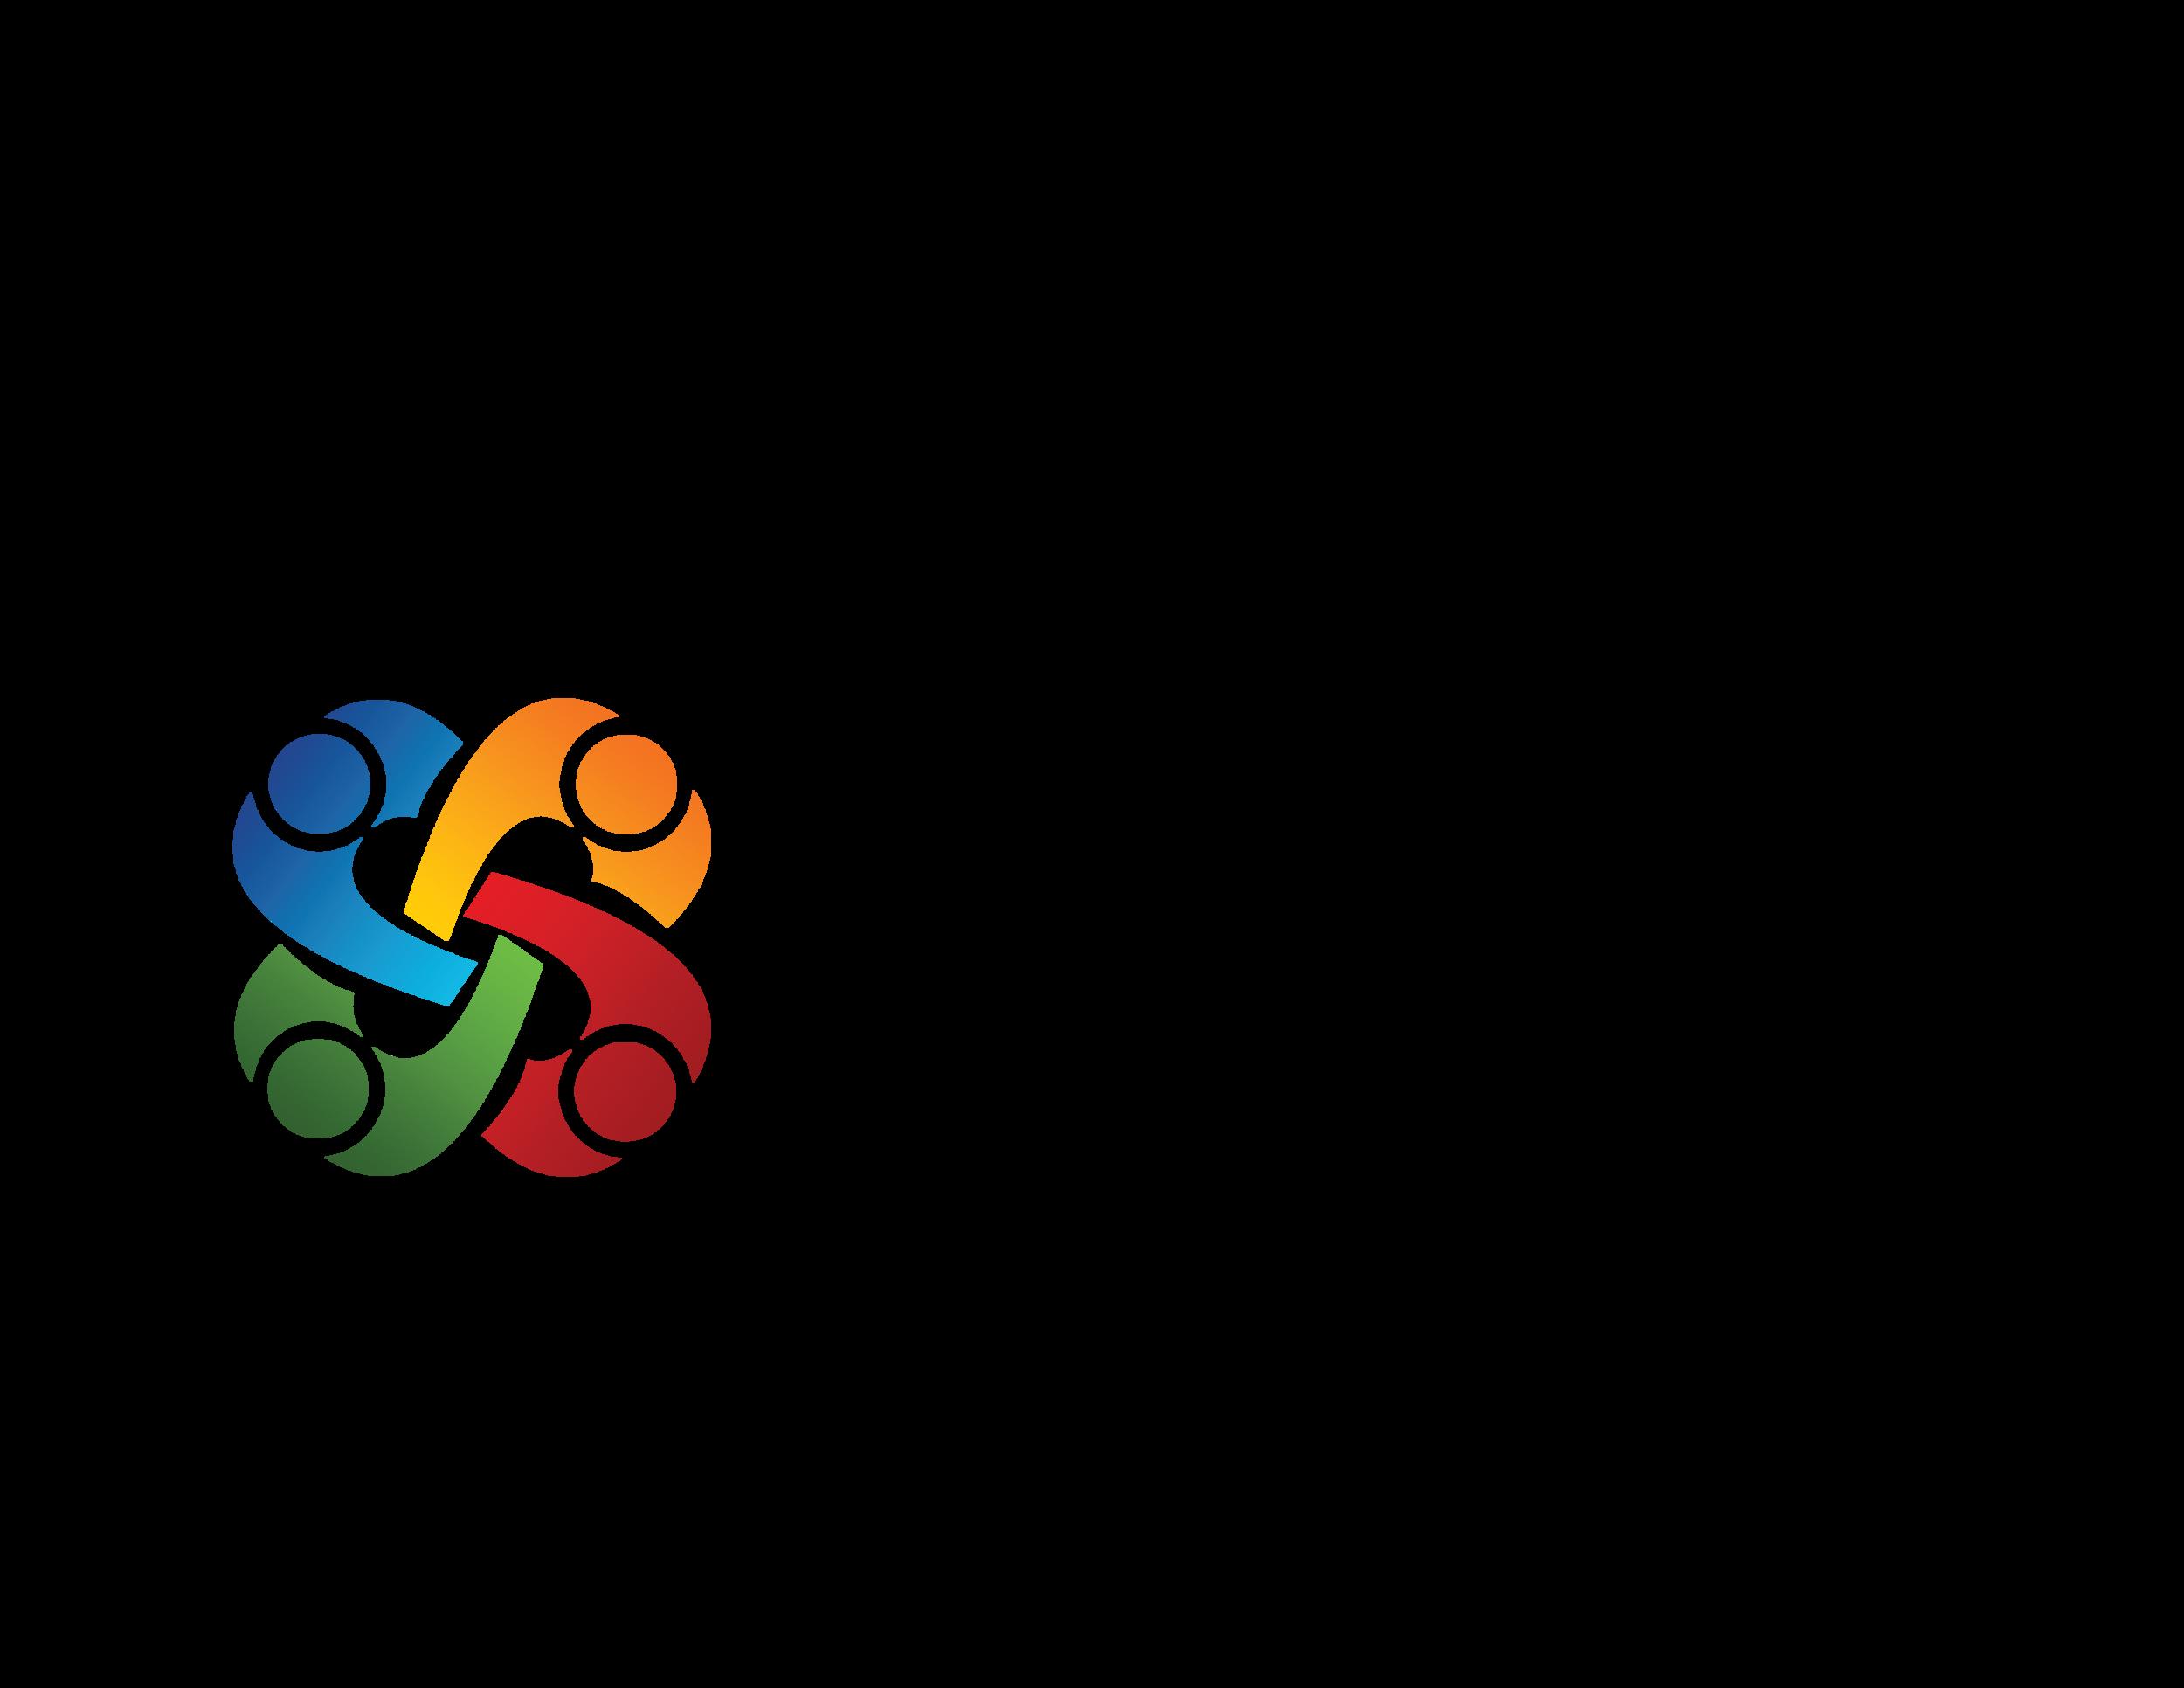 EC2_logo-01.png